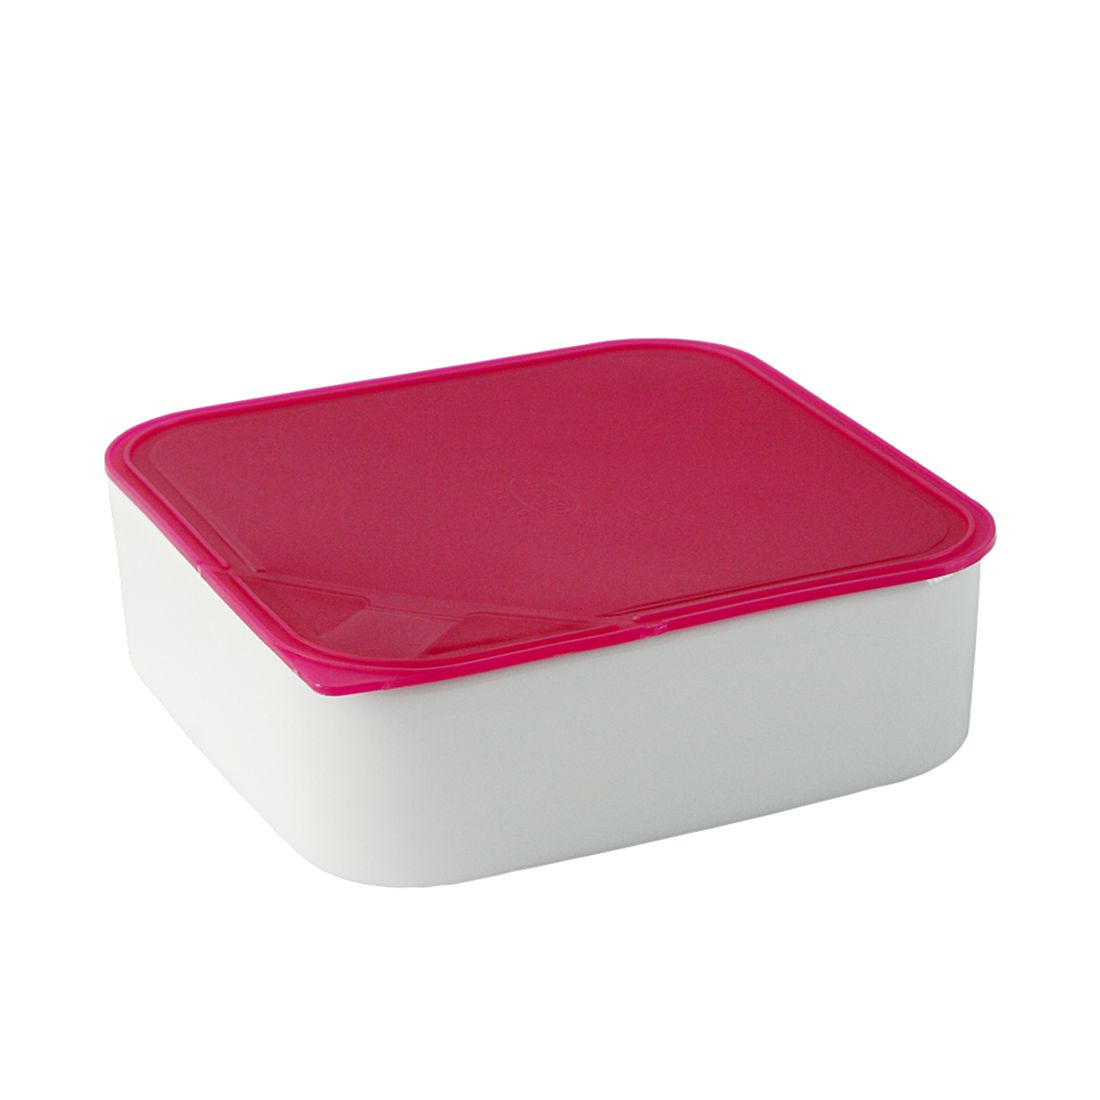 Frischebox Küchenfreunde (18cm) – Pink, Arzberg günstig bestellen